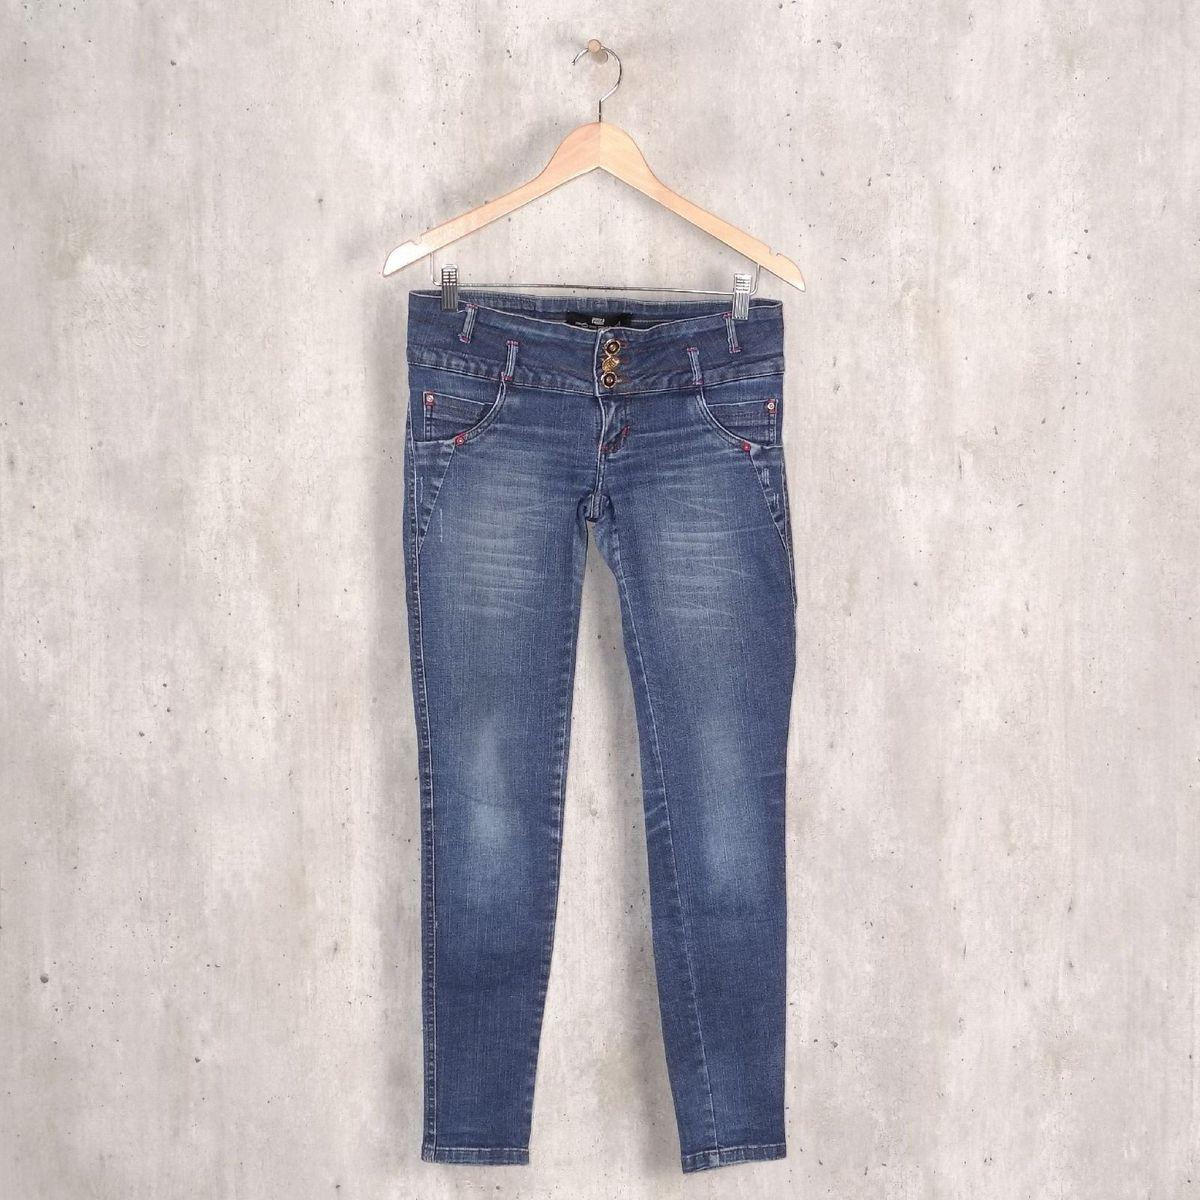 d9bfaff19 Calça Jeans Pó do Pano